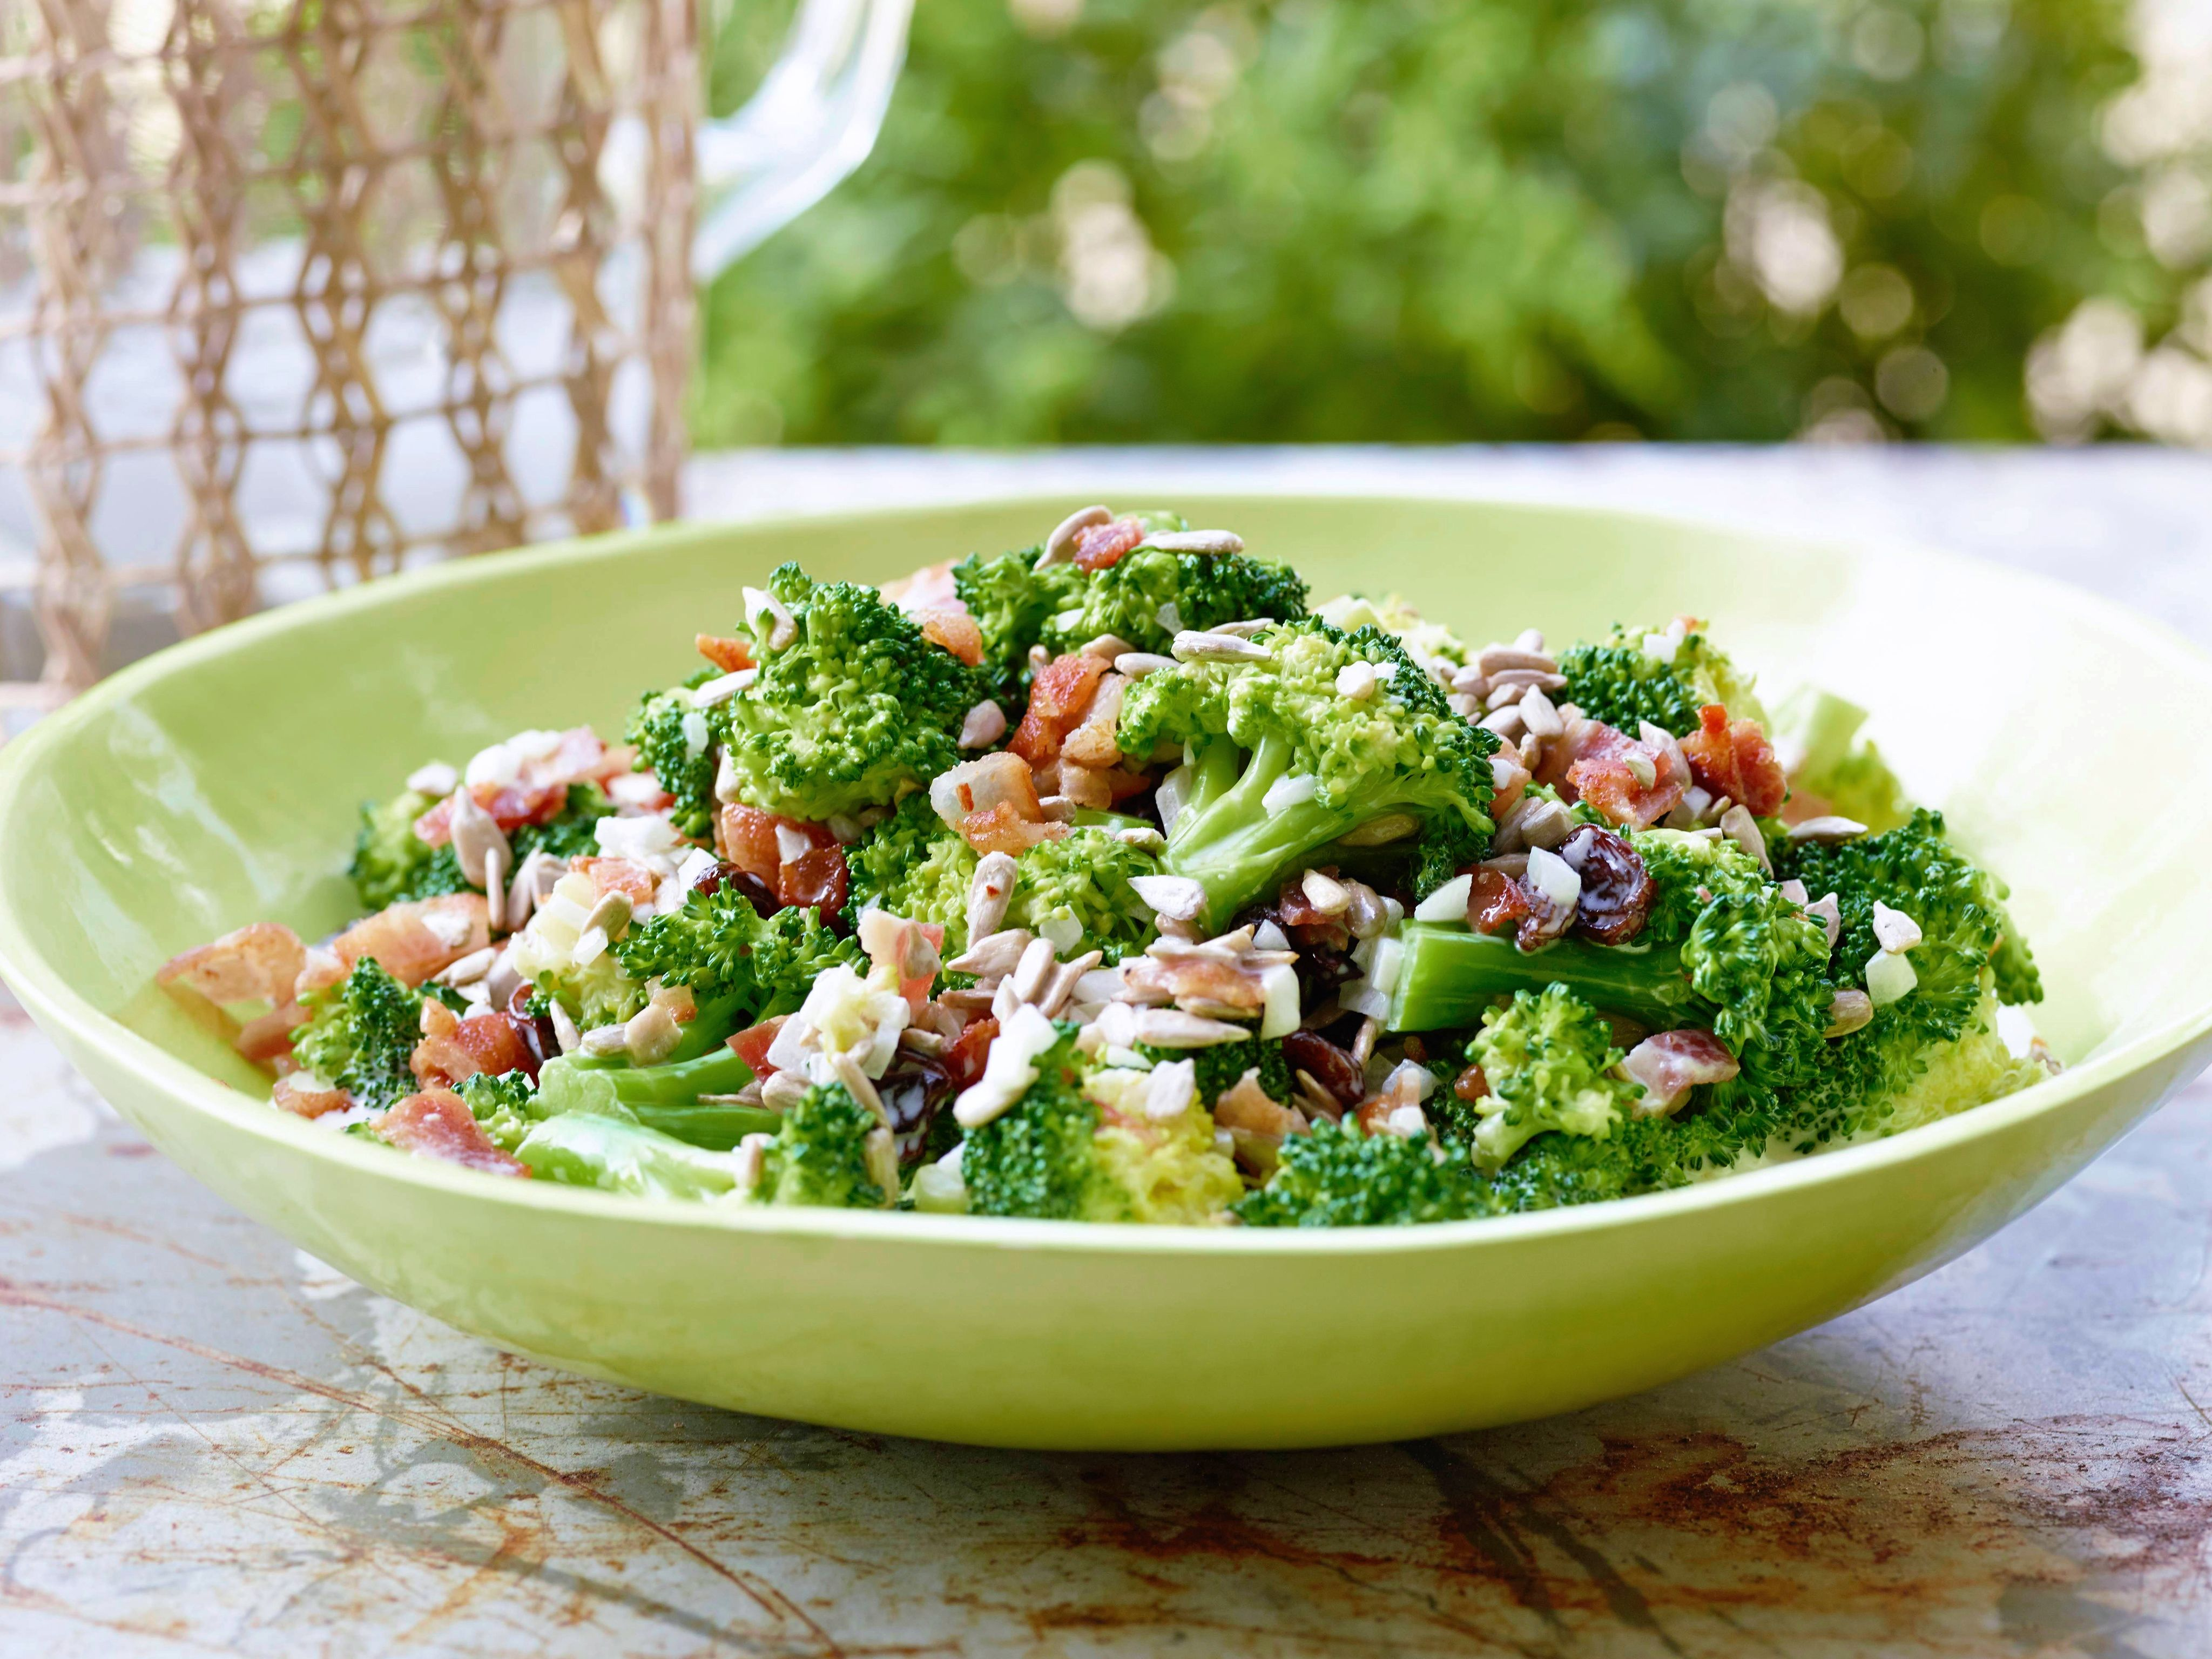 Ina Garten Broccoli broccoli salad recipe : trisha yearwood : food network